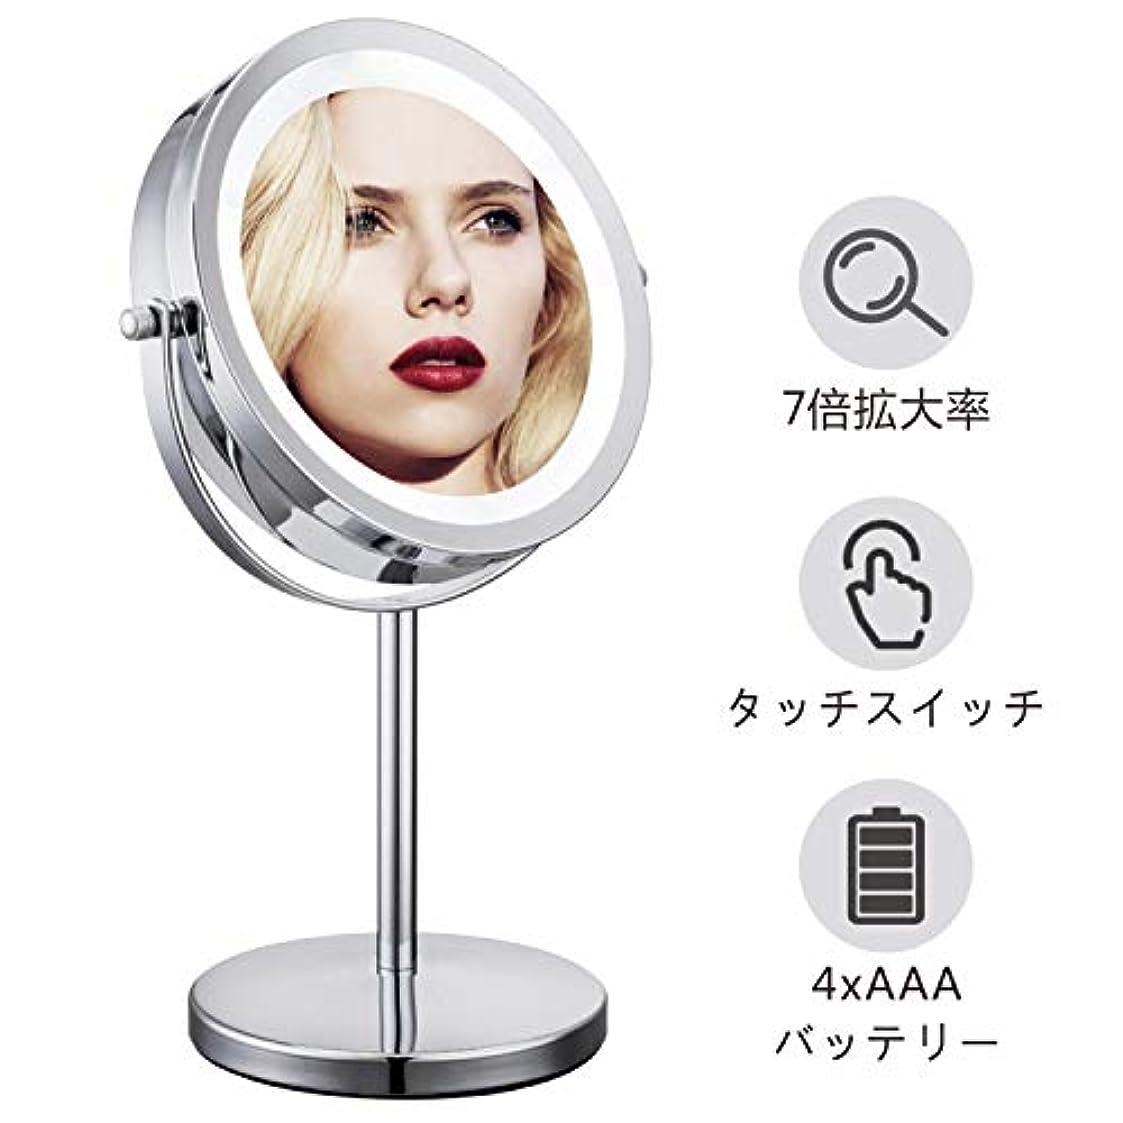 くさび火星重なるMinracler 化粧鏡 7倍拡大 卓上 化粧ミラー led両面鏡 明るさ調節可能 360度回転 (鏡面155mmΦ) 電池給電